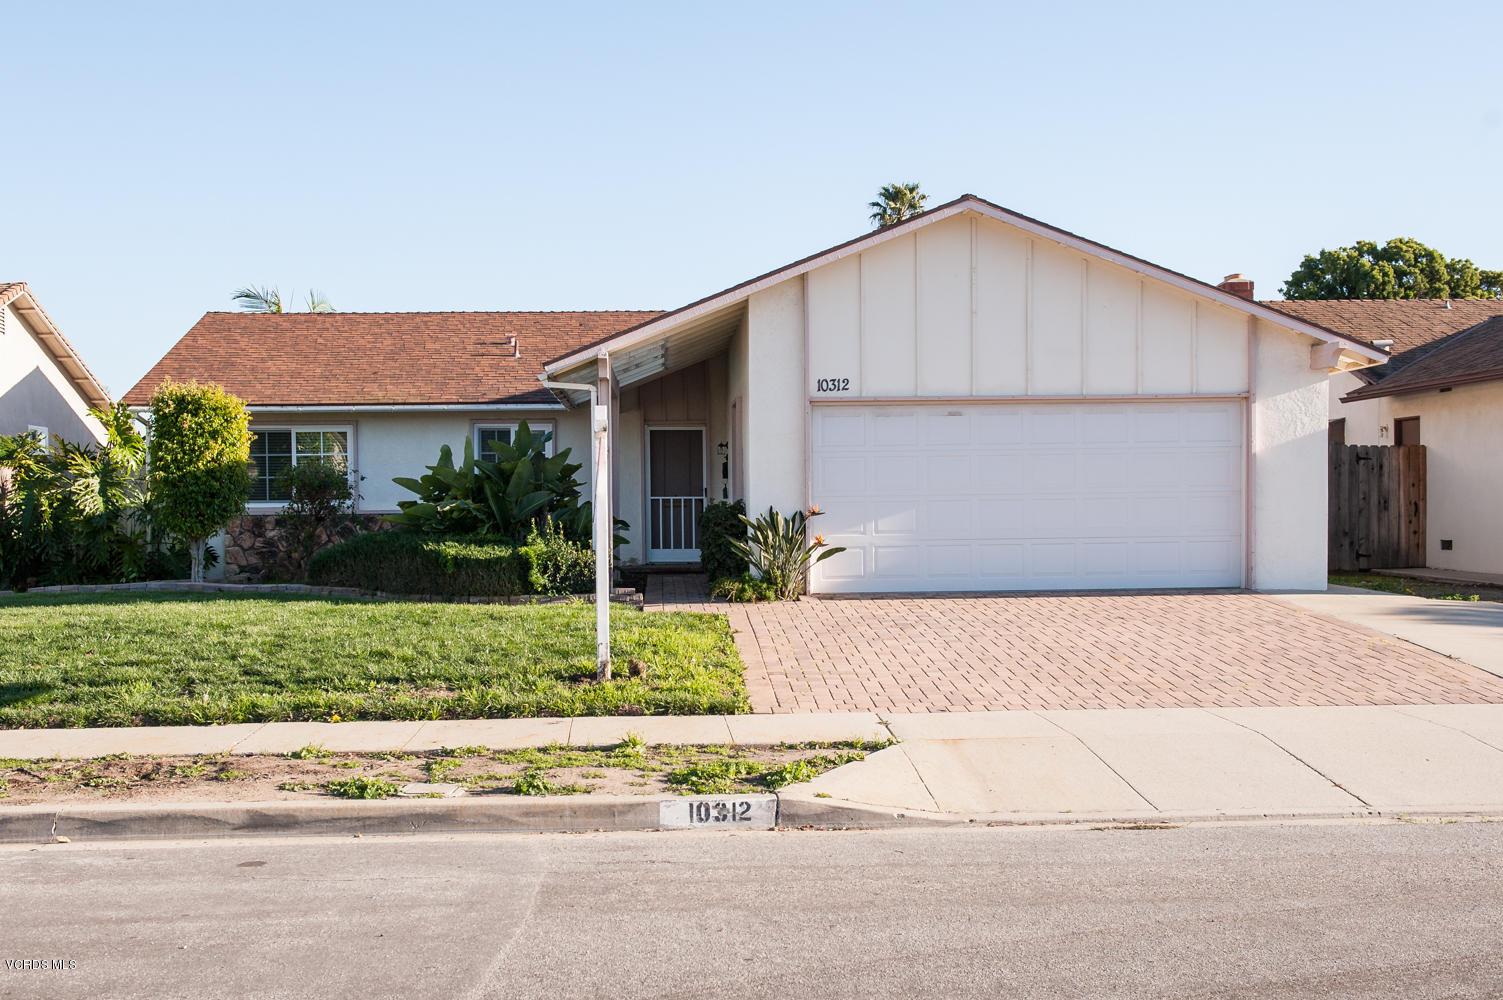 10312 Jamestown Street, Ventura, CA 93004